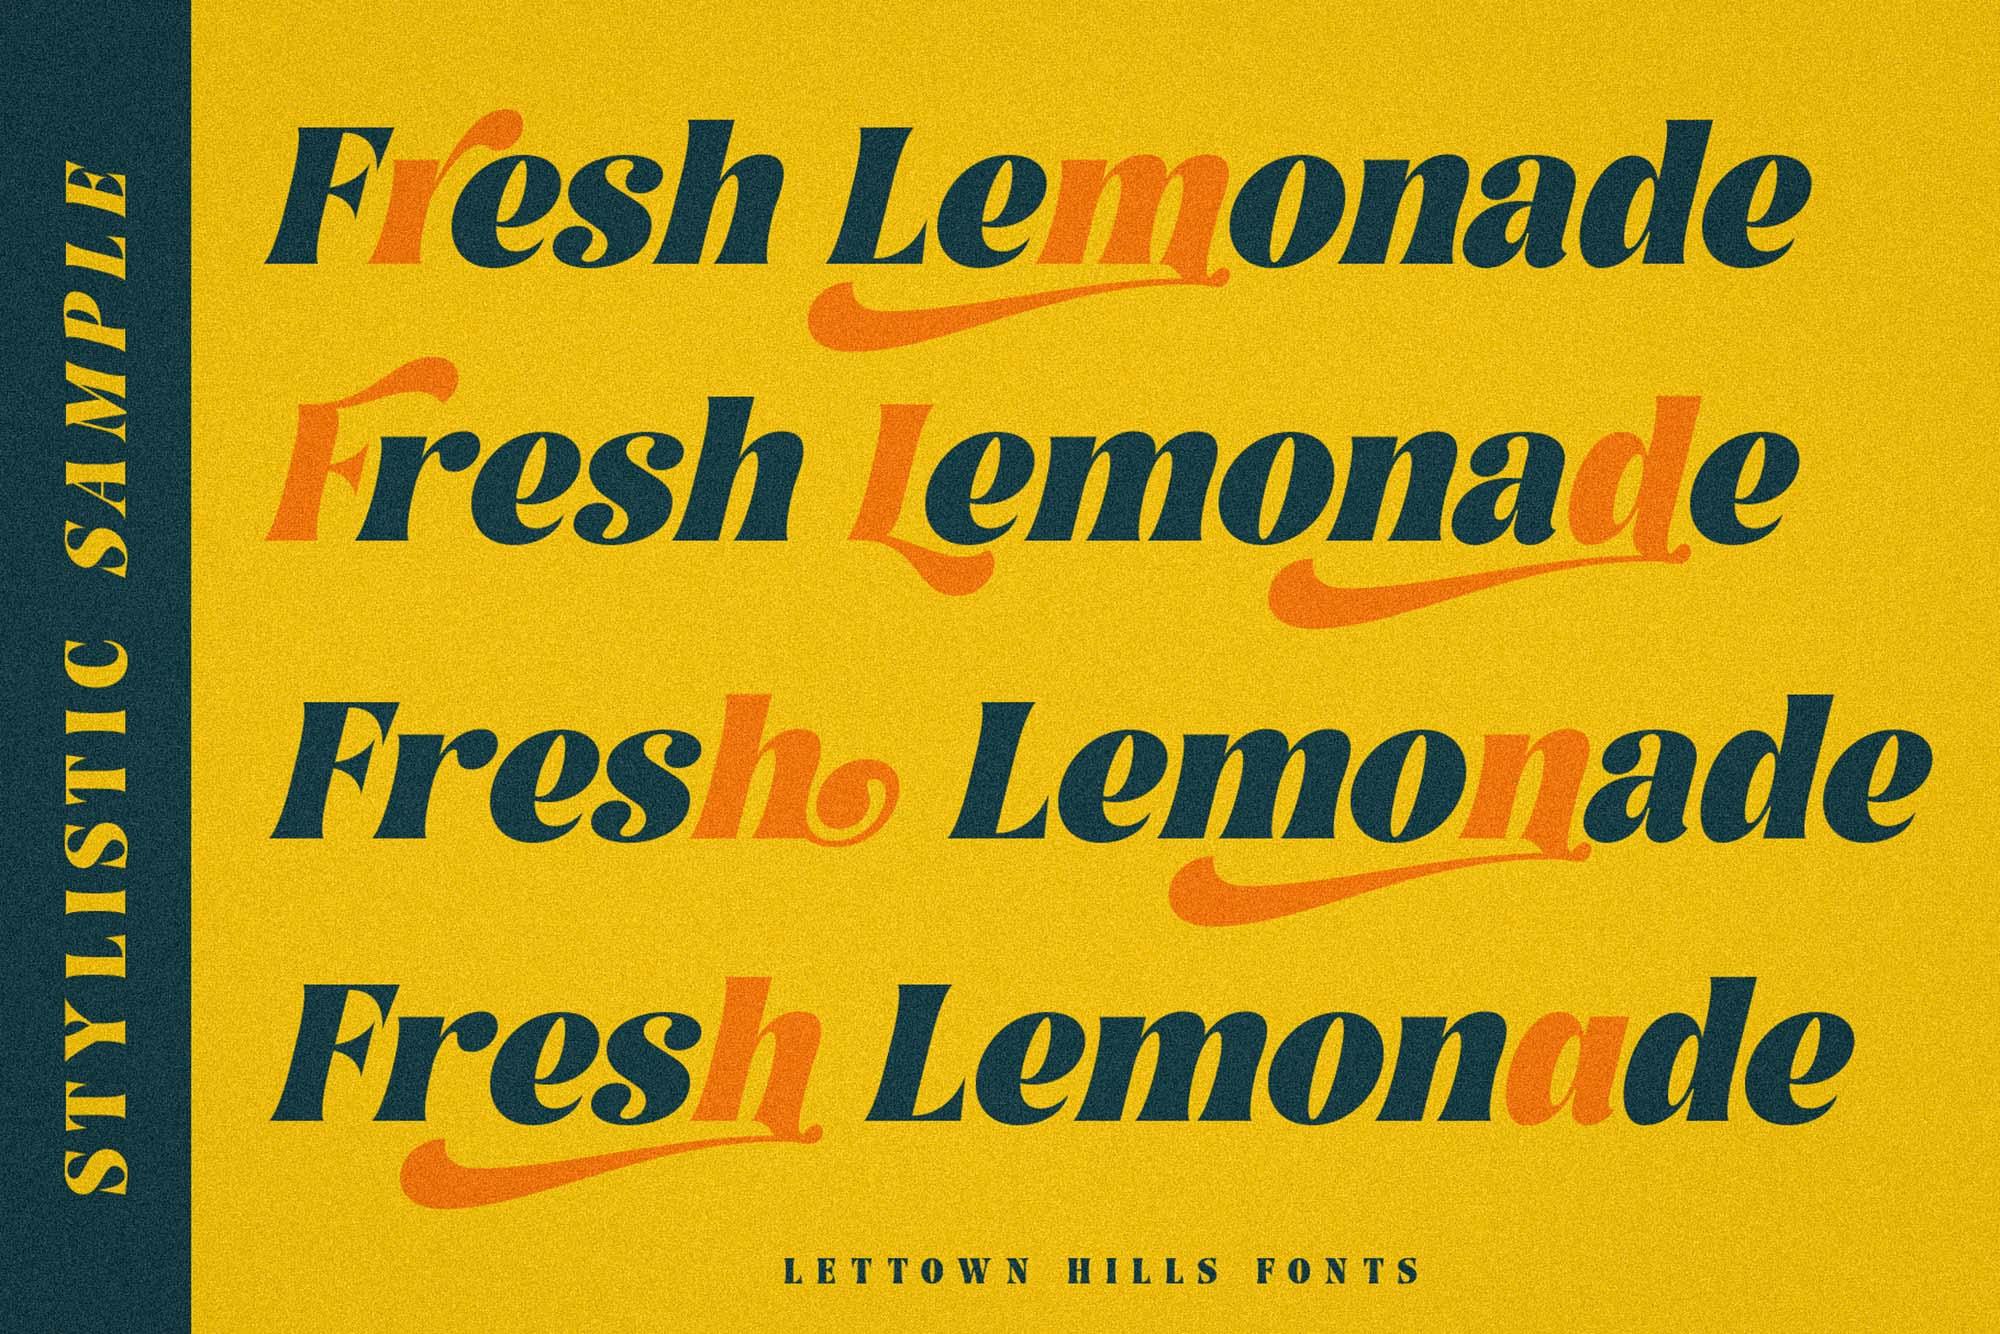 Lettown Hills Font 3